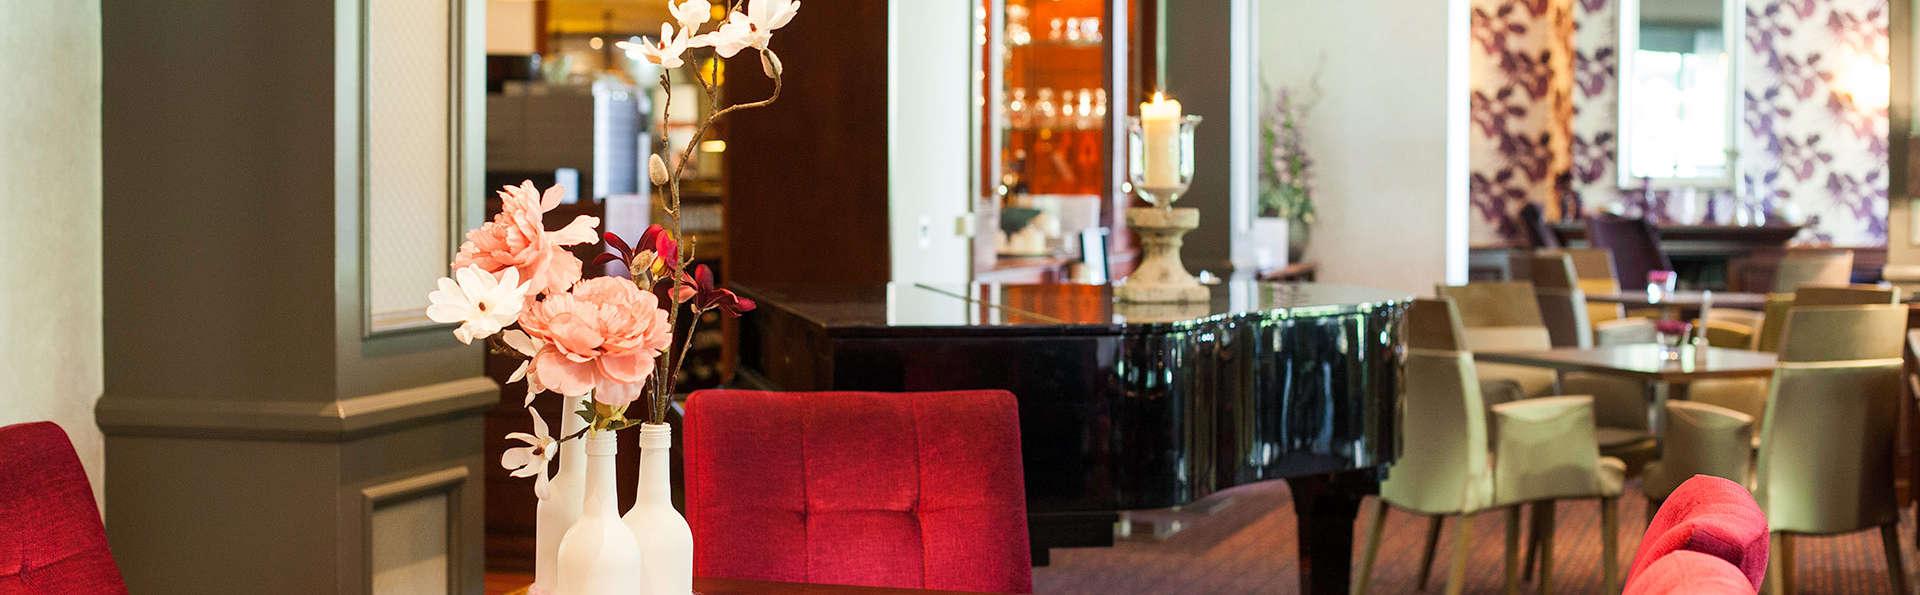 Profitez d'un séjour courtois plein de luxe et de confort au Hof van Gelre